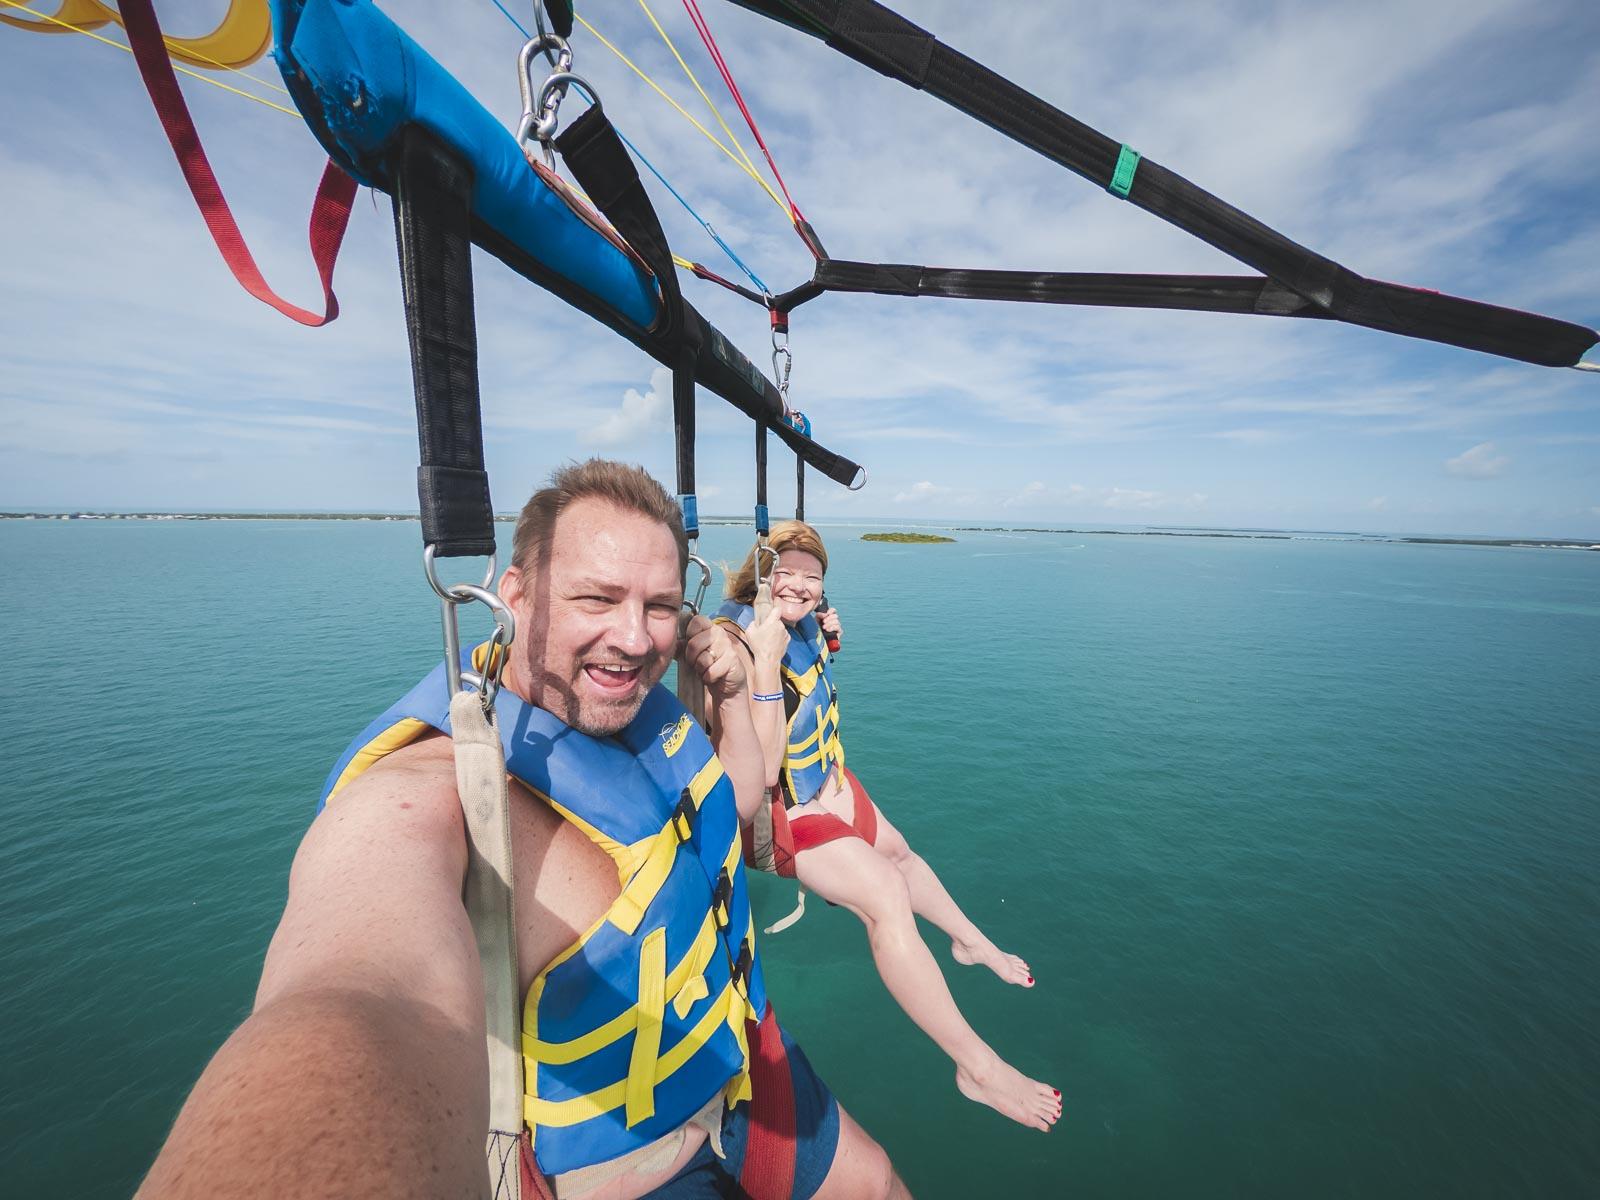 parasailling at florida keys